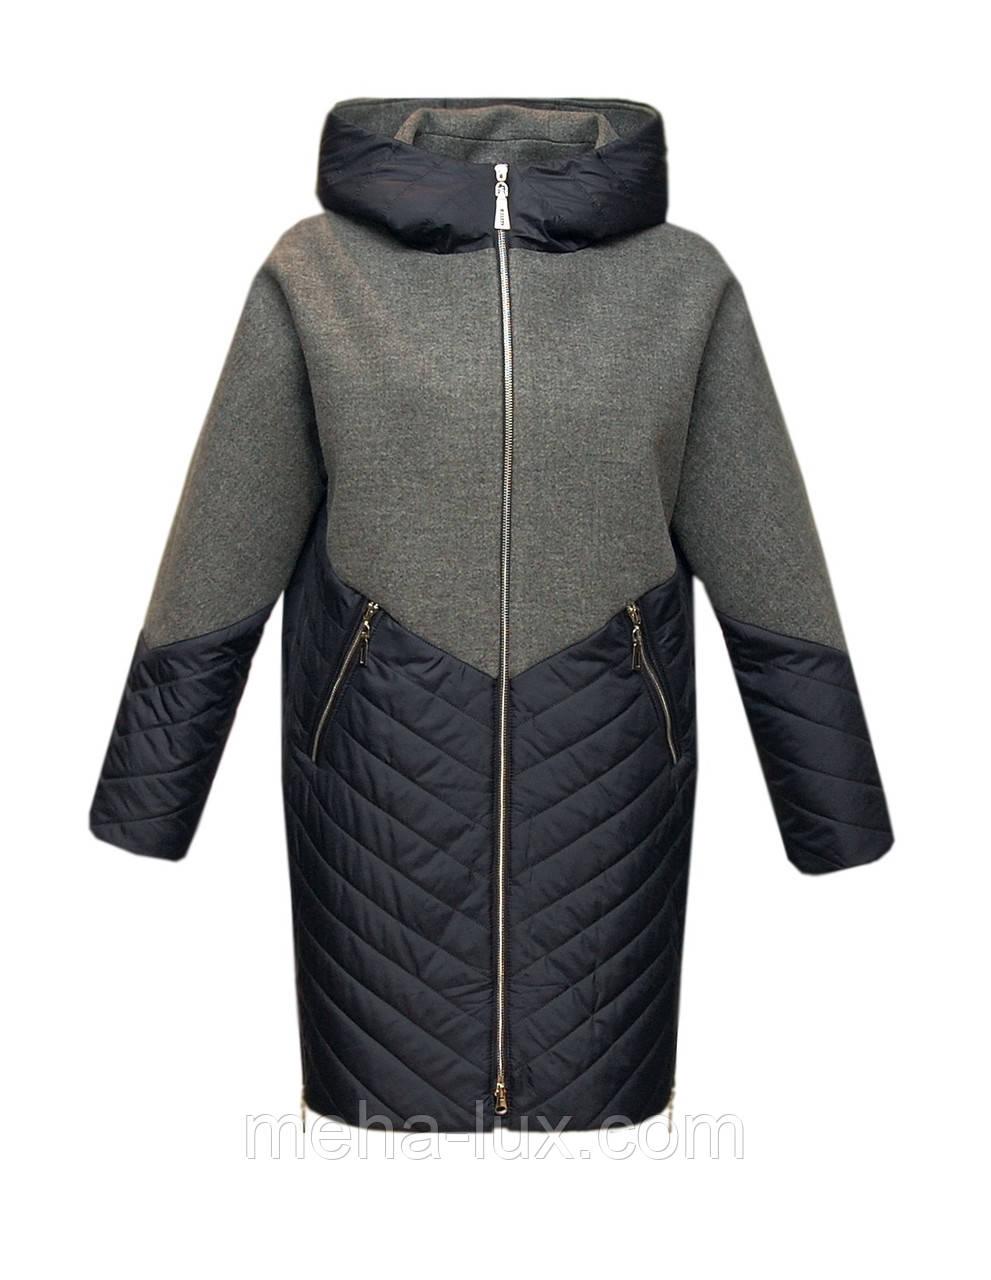 Пальто женское из плащевки с текстилем кокон с капюшоном больших размеров серо-синее